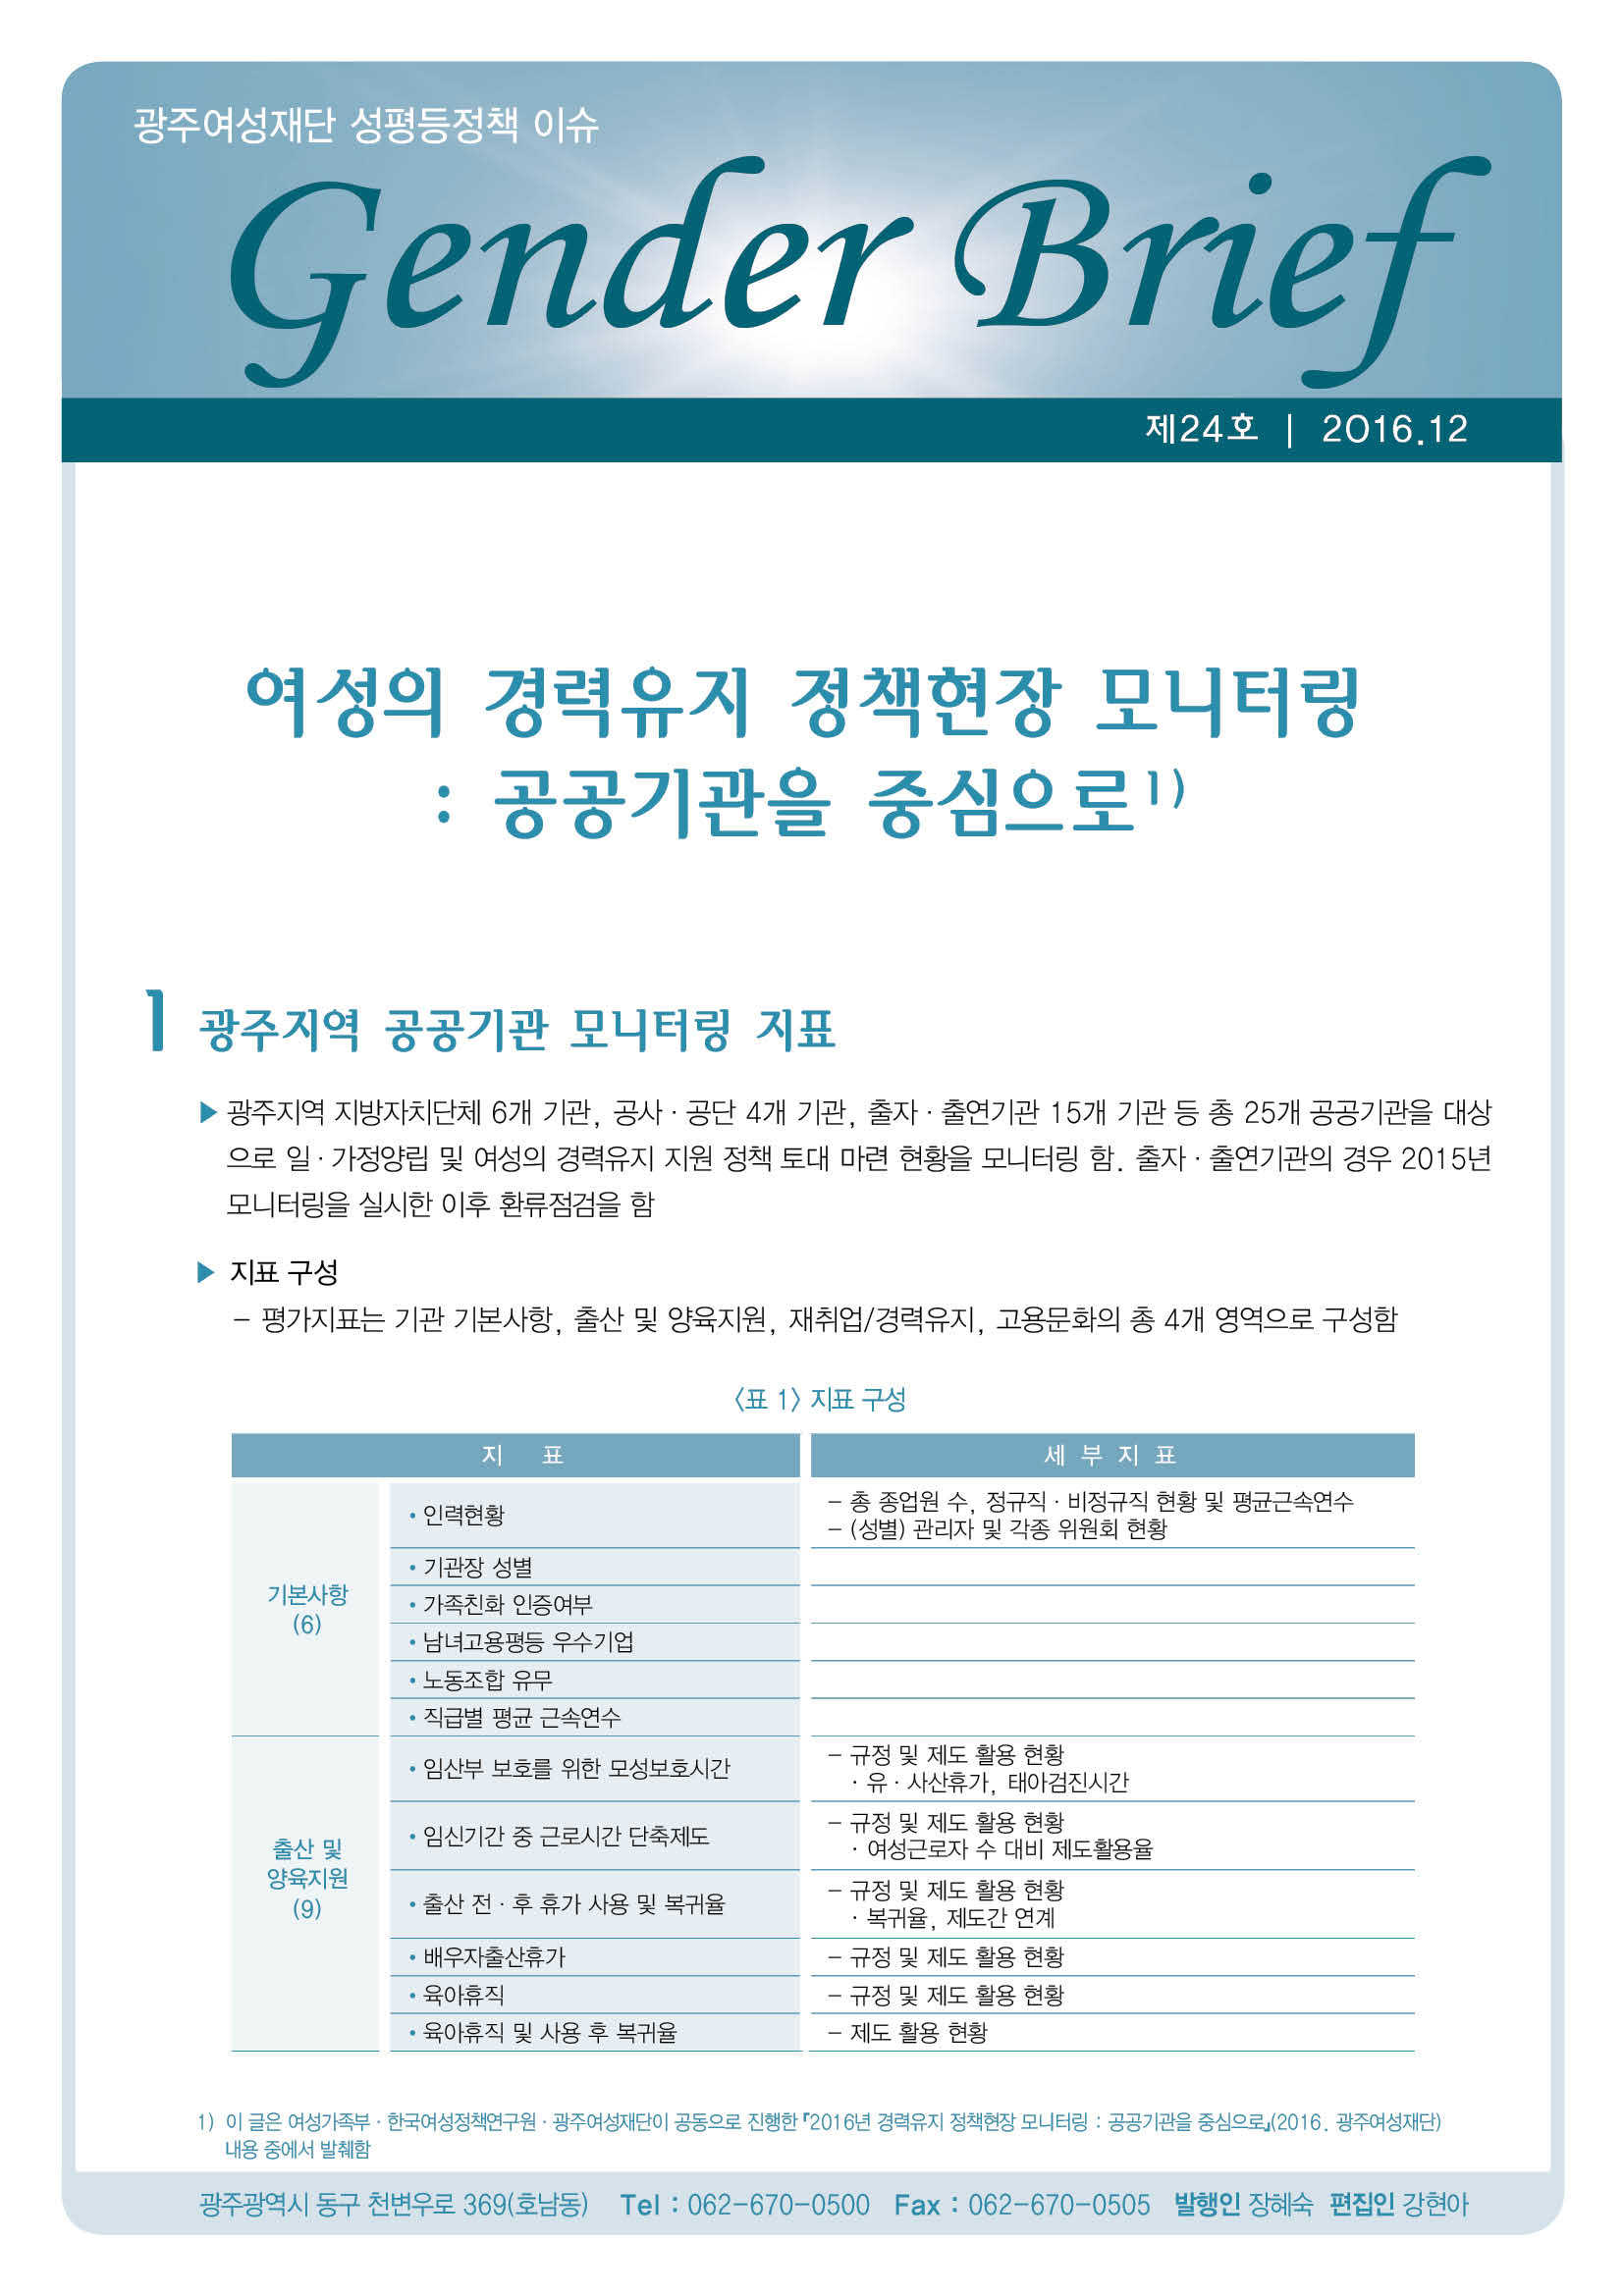 젠더브리프제24호-여성 경력유지 정책현장 모니터링: 공공기관을 중심으로